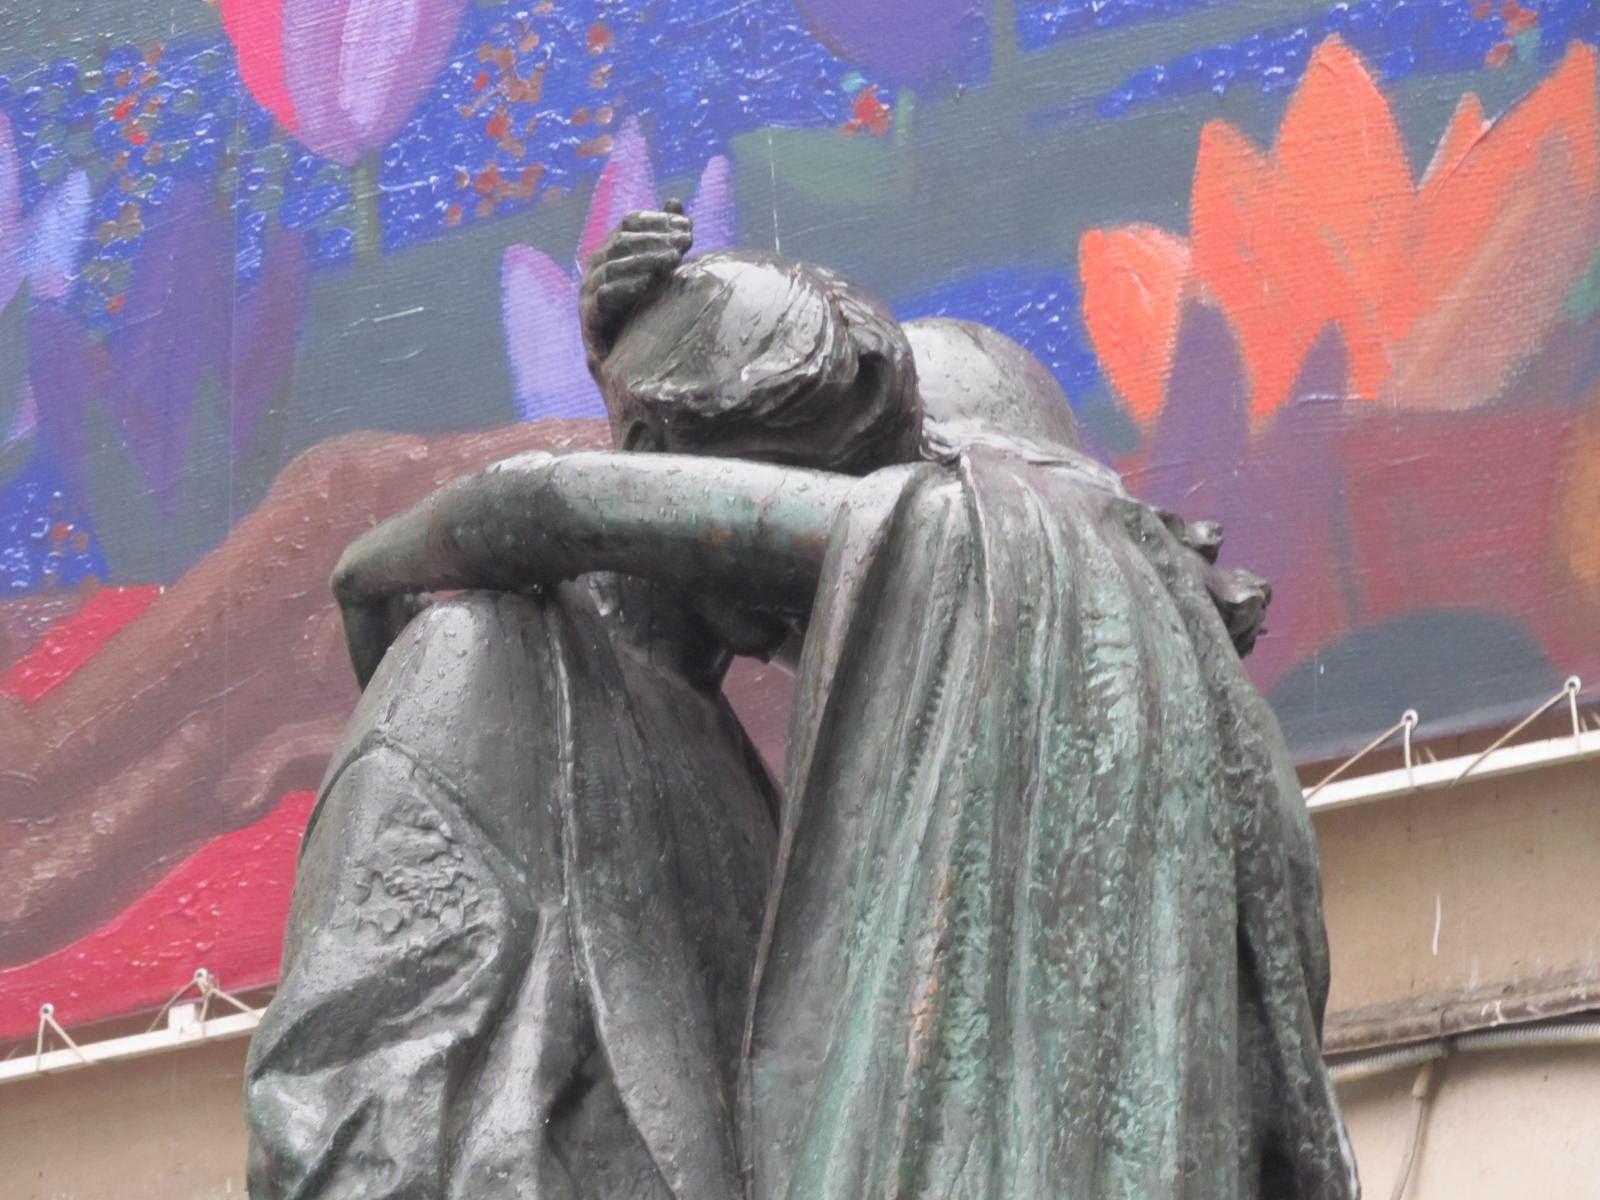 10 лет всё было против появления памятника любви и верности. И вдруг… любовь победила. Автор фото председатель НСНБР А.Г.Огнивцев.